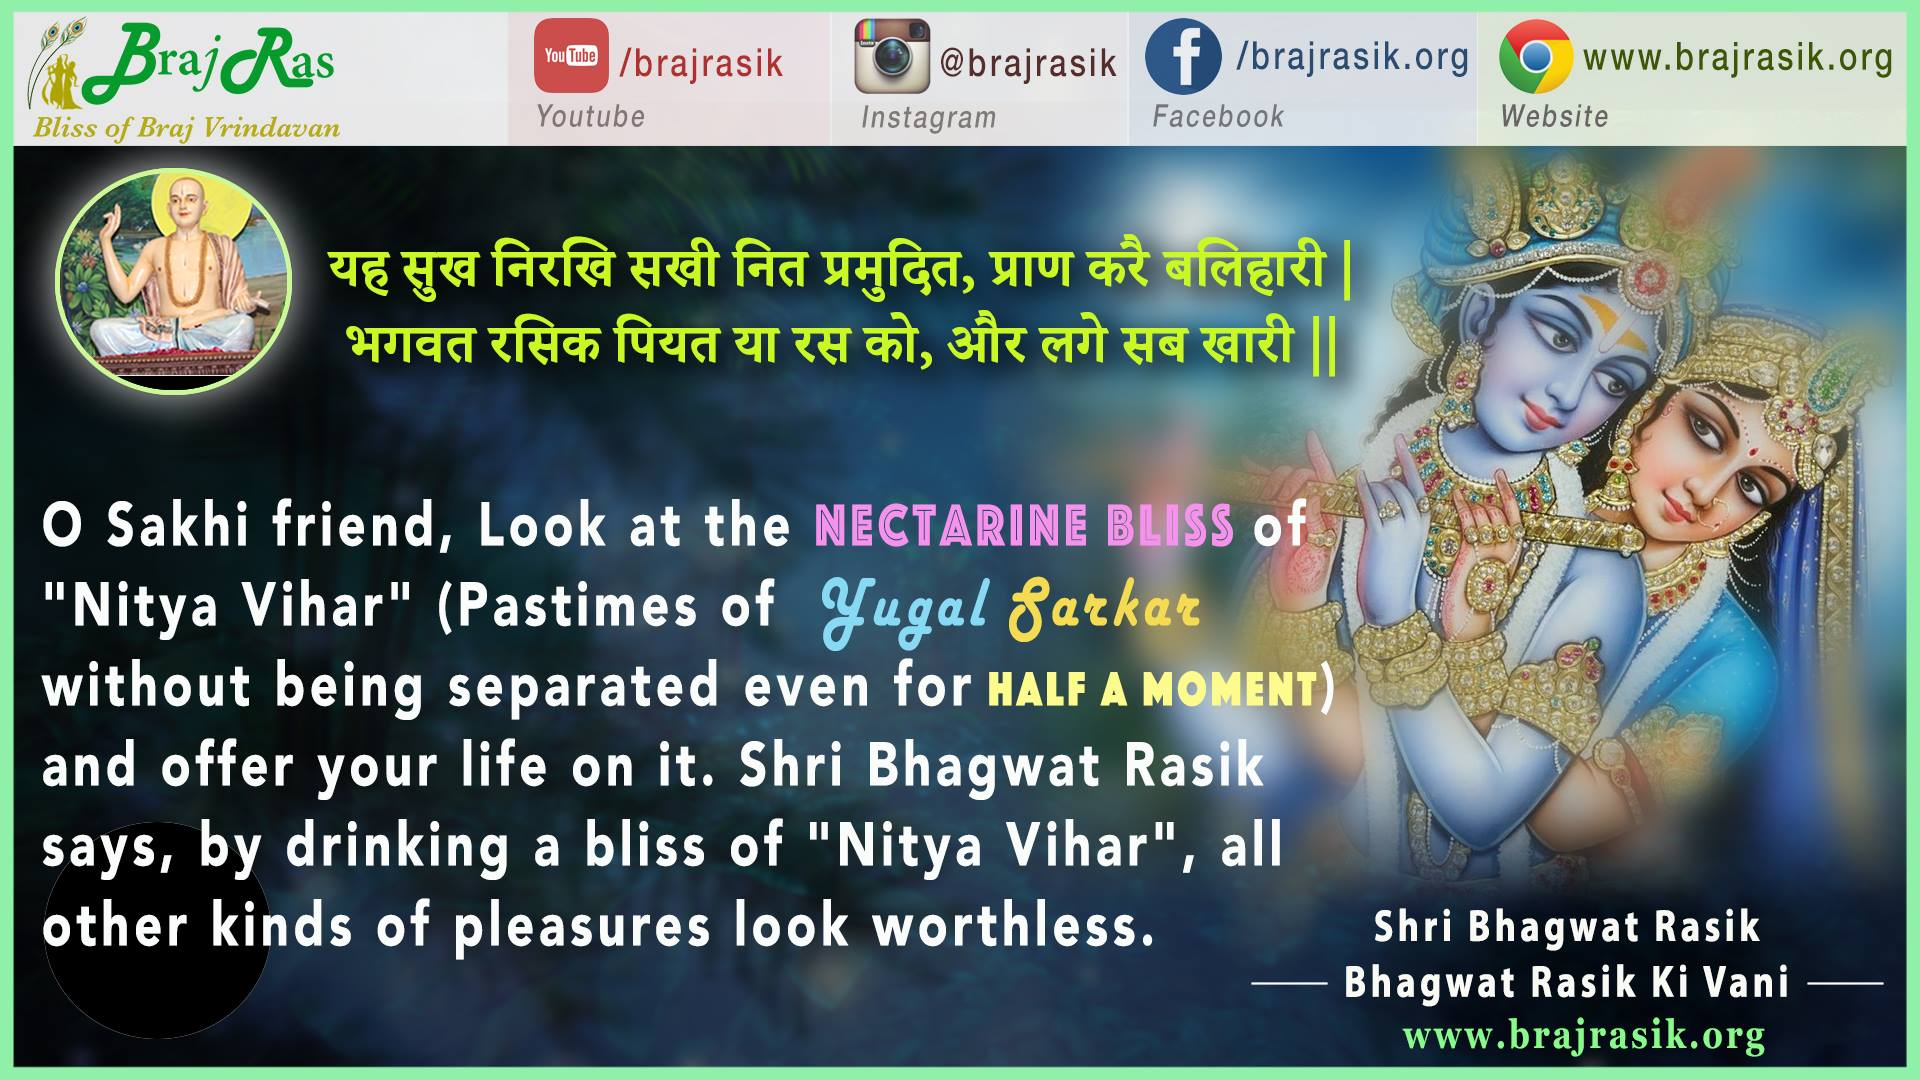 Yeh Sukh Nirakhi Sakhi Nita Pramudit - Shri Bhagwat Rasik, Bhagwat Rasik Ki Vani